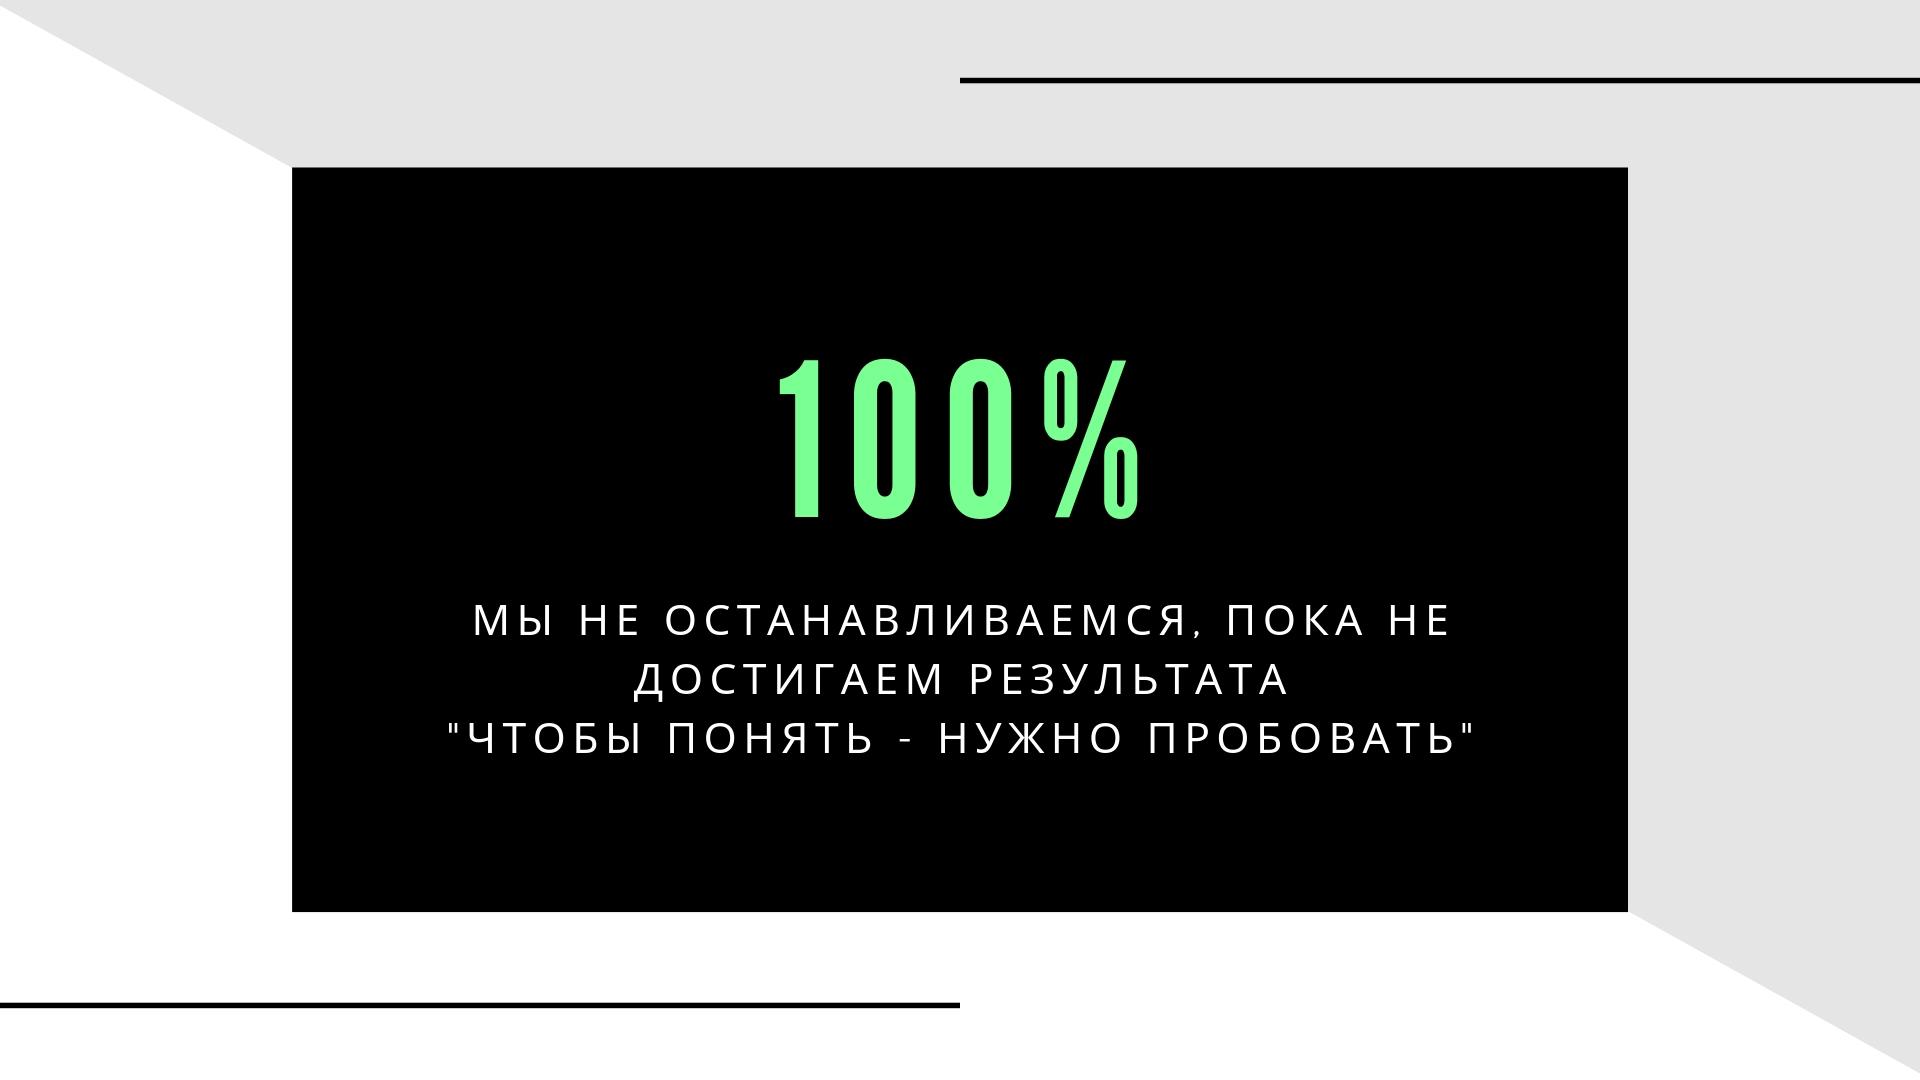 Фото Первый в Украине современный и продуктивный SMM-маркетинг  Меня зовут Анастасия Калина. Уже несколько лет я продвигаю проекты и блоги разных масштабов в социальных сетях по всей Украине.   Что я имею ввиду? Мои клиенты очень разные и начинаются от магазинов и блогов Академий и не останавливаются на социальных сетях ресторанов и всеукраинской организации ветеринарных лекарств.   Уже сейчас я набираю команду для нового и очень сильного проекта по Украине.  А если ты предприниматель или просто развиваешь свой блог, то со мной можешь найти решение всех вопросов по социальным сетям быстро и без вопросов.  Вела проекты с нуля и создавала продажи еще до открытия.